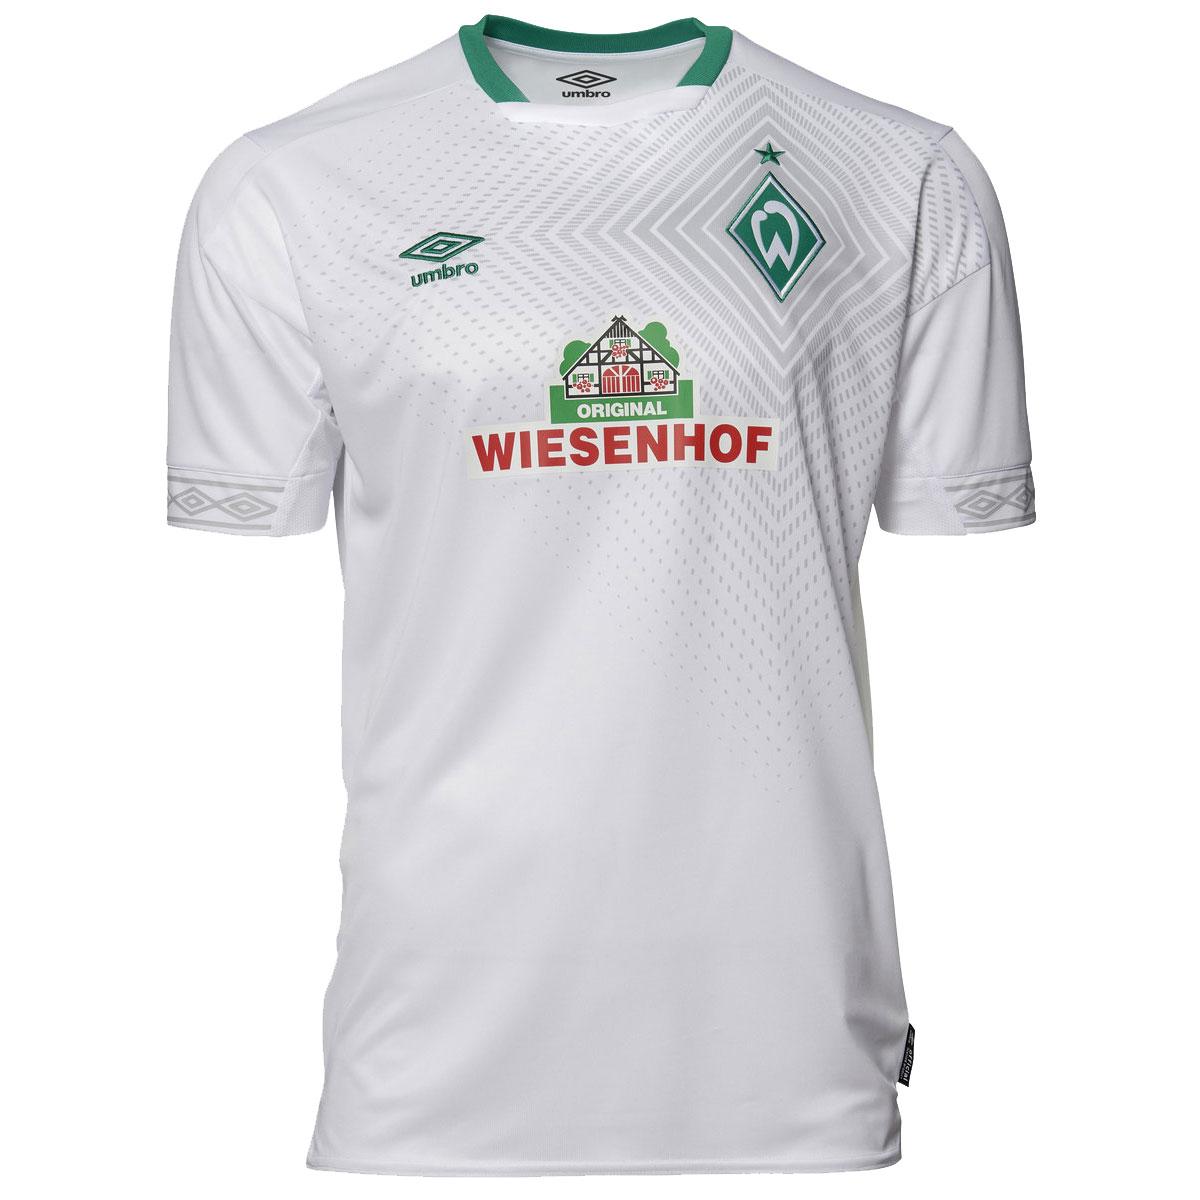 Werder Bremen Third shirt